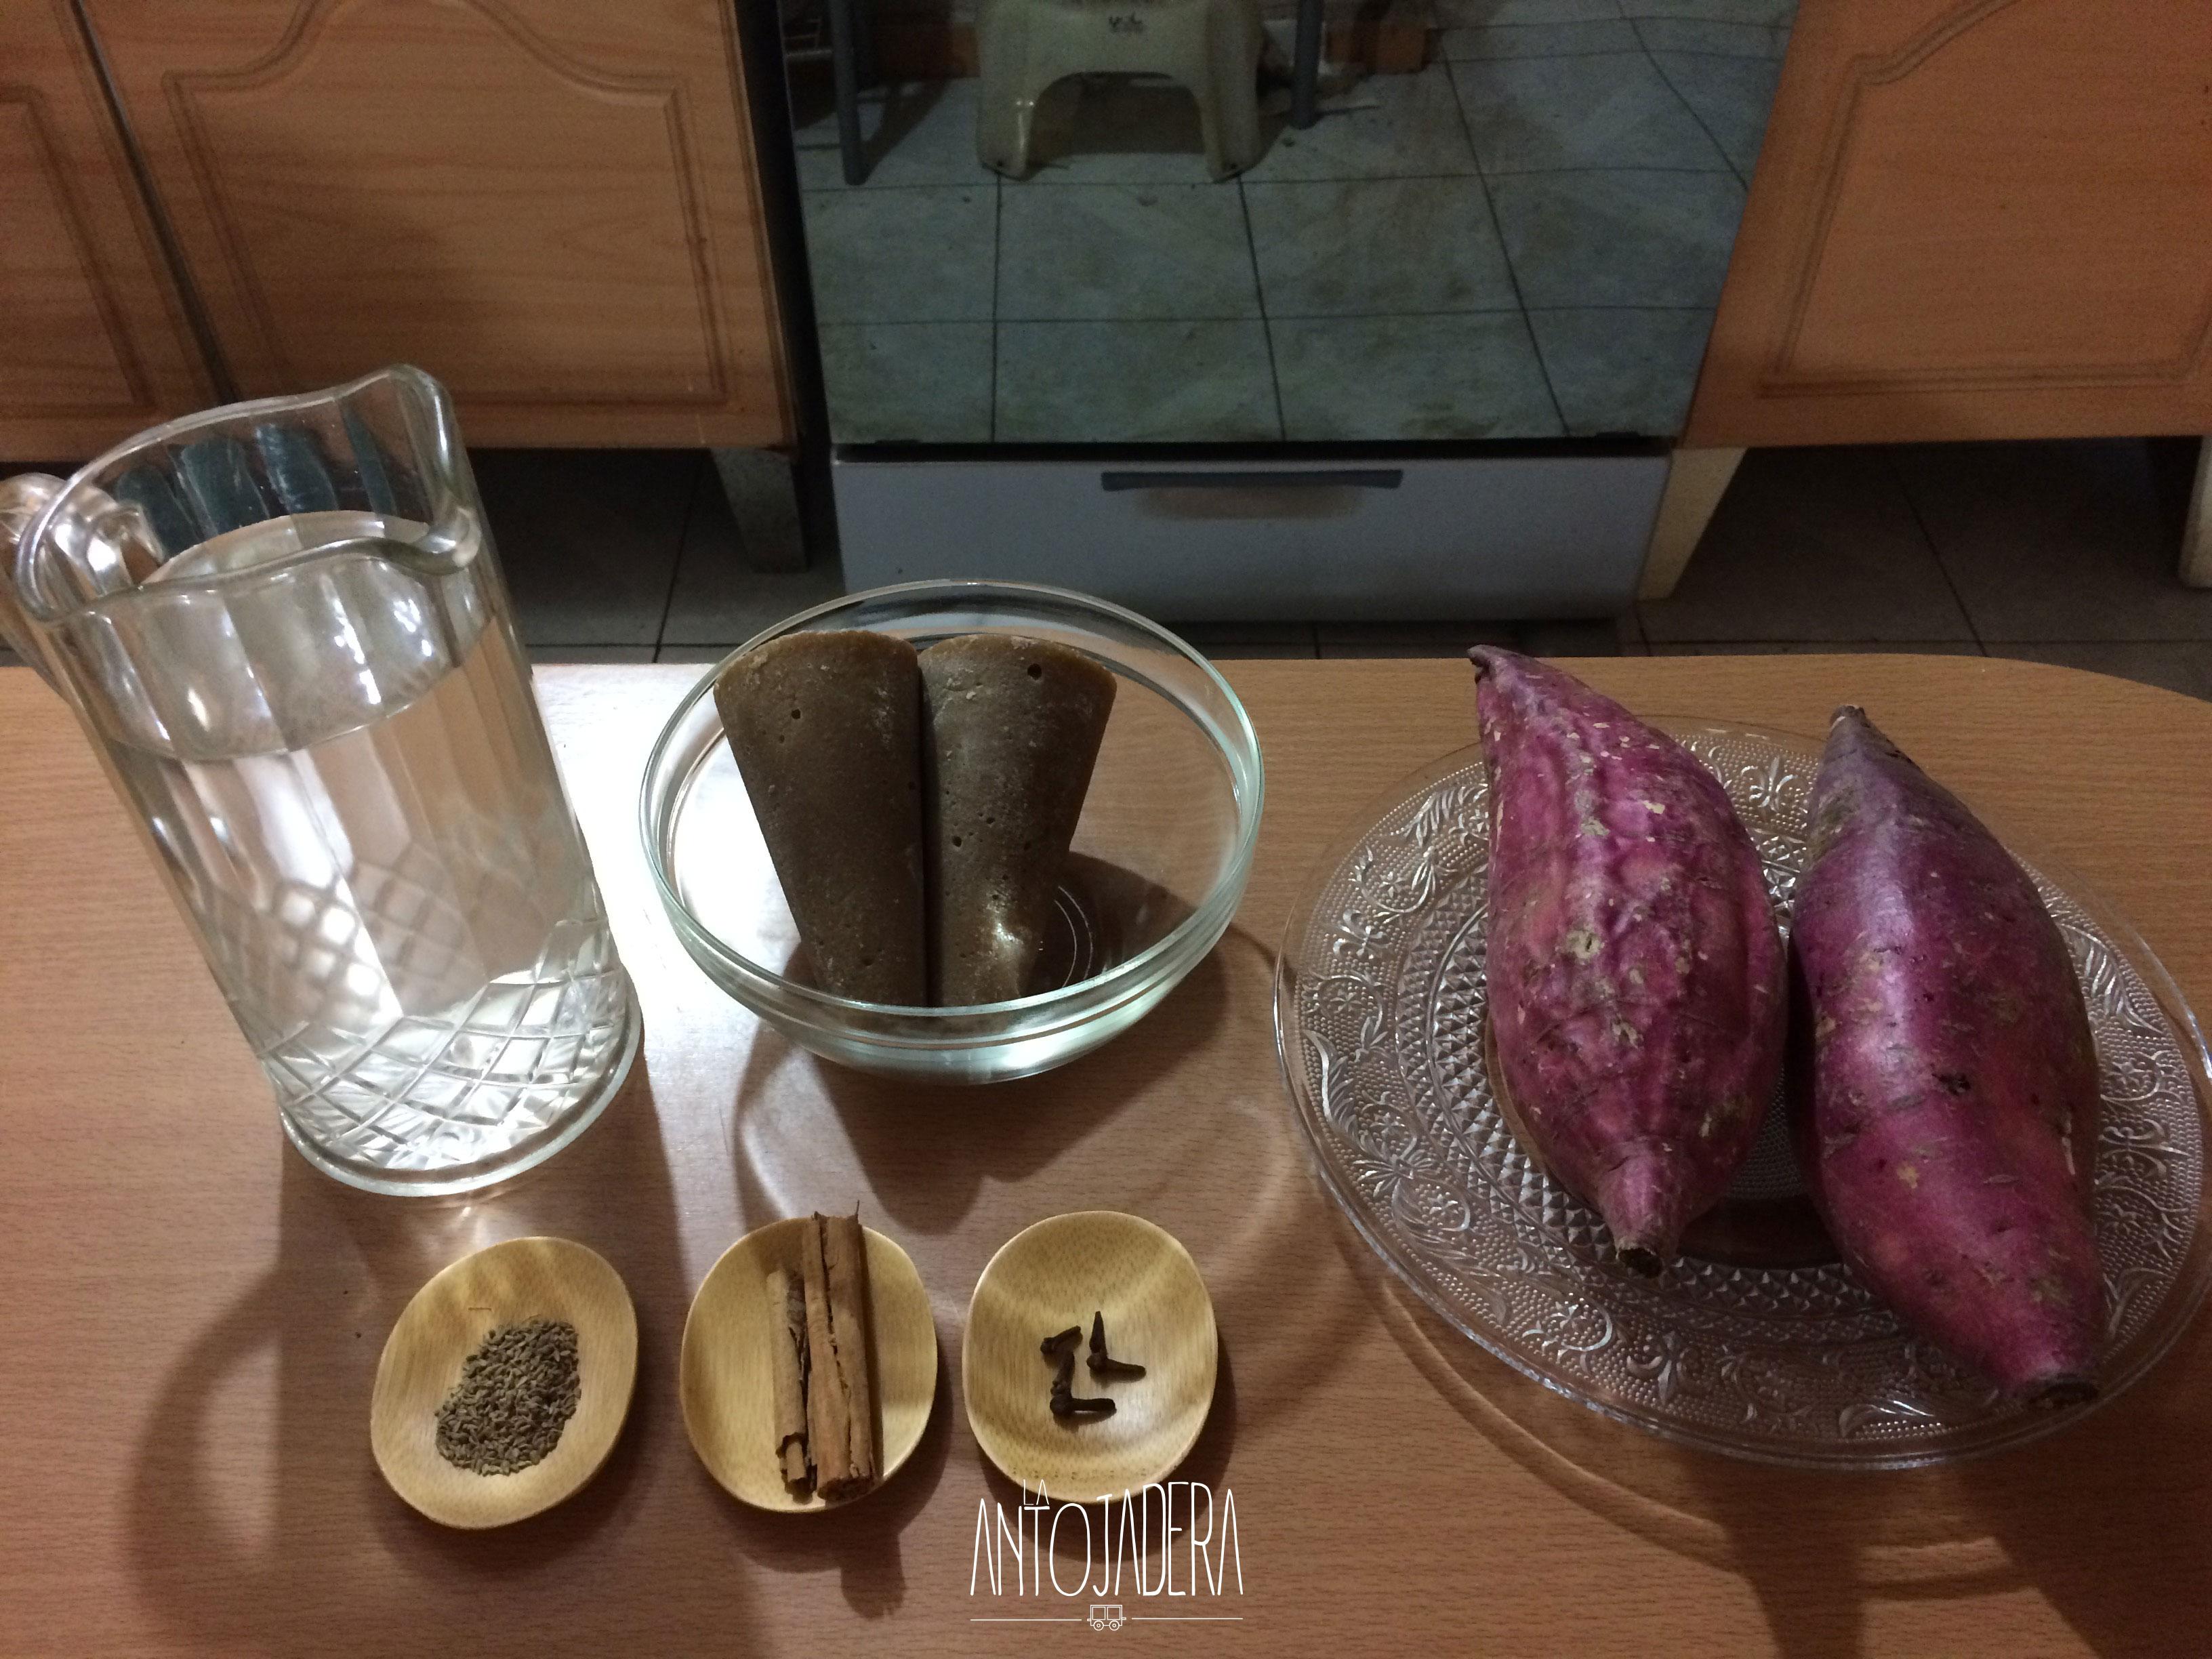 La Antojadera | Camote en Dulce